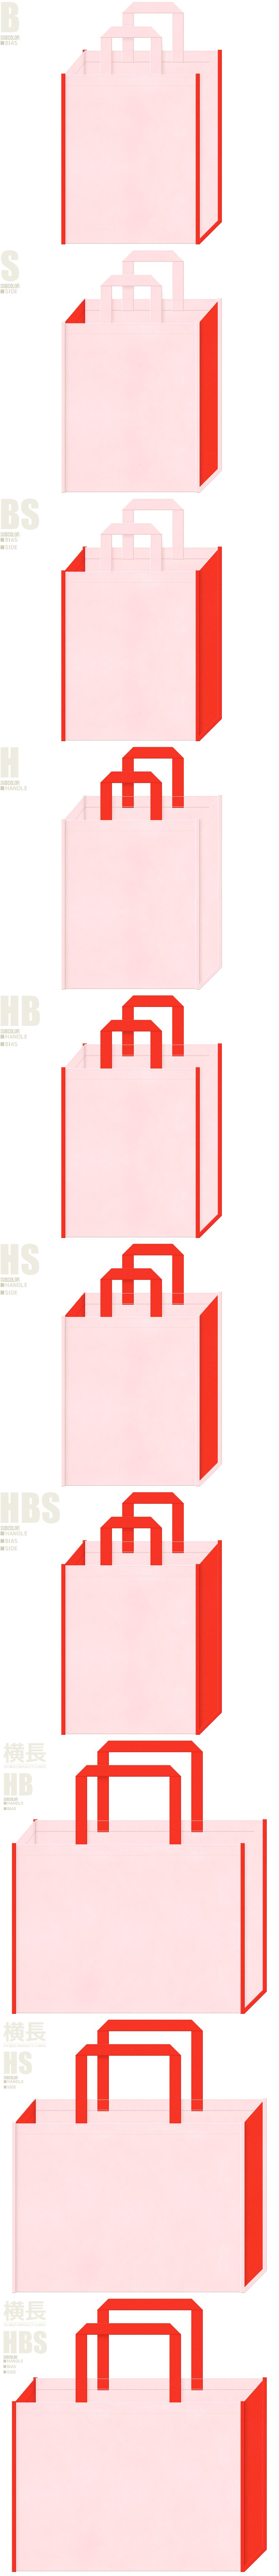 不織布バッグのデザイン:桜色とオレンジ色の配色7パターン。